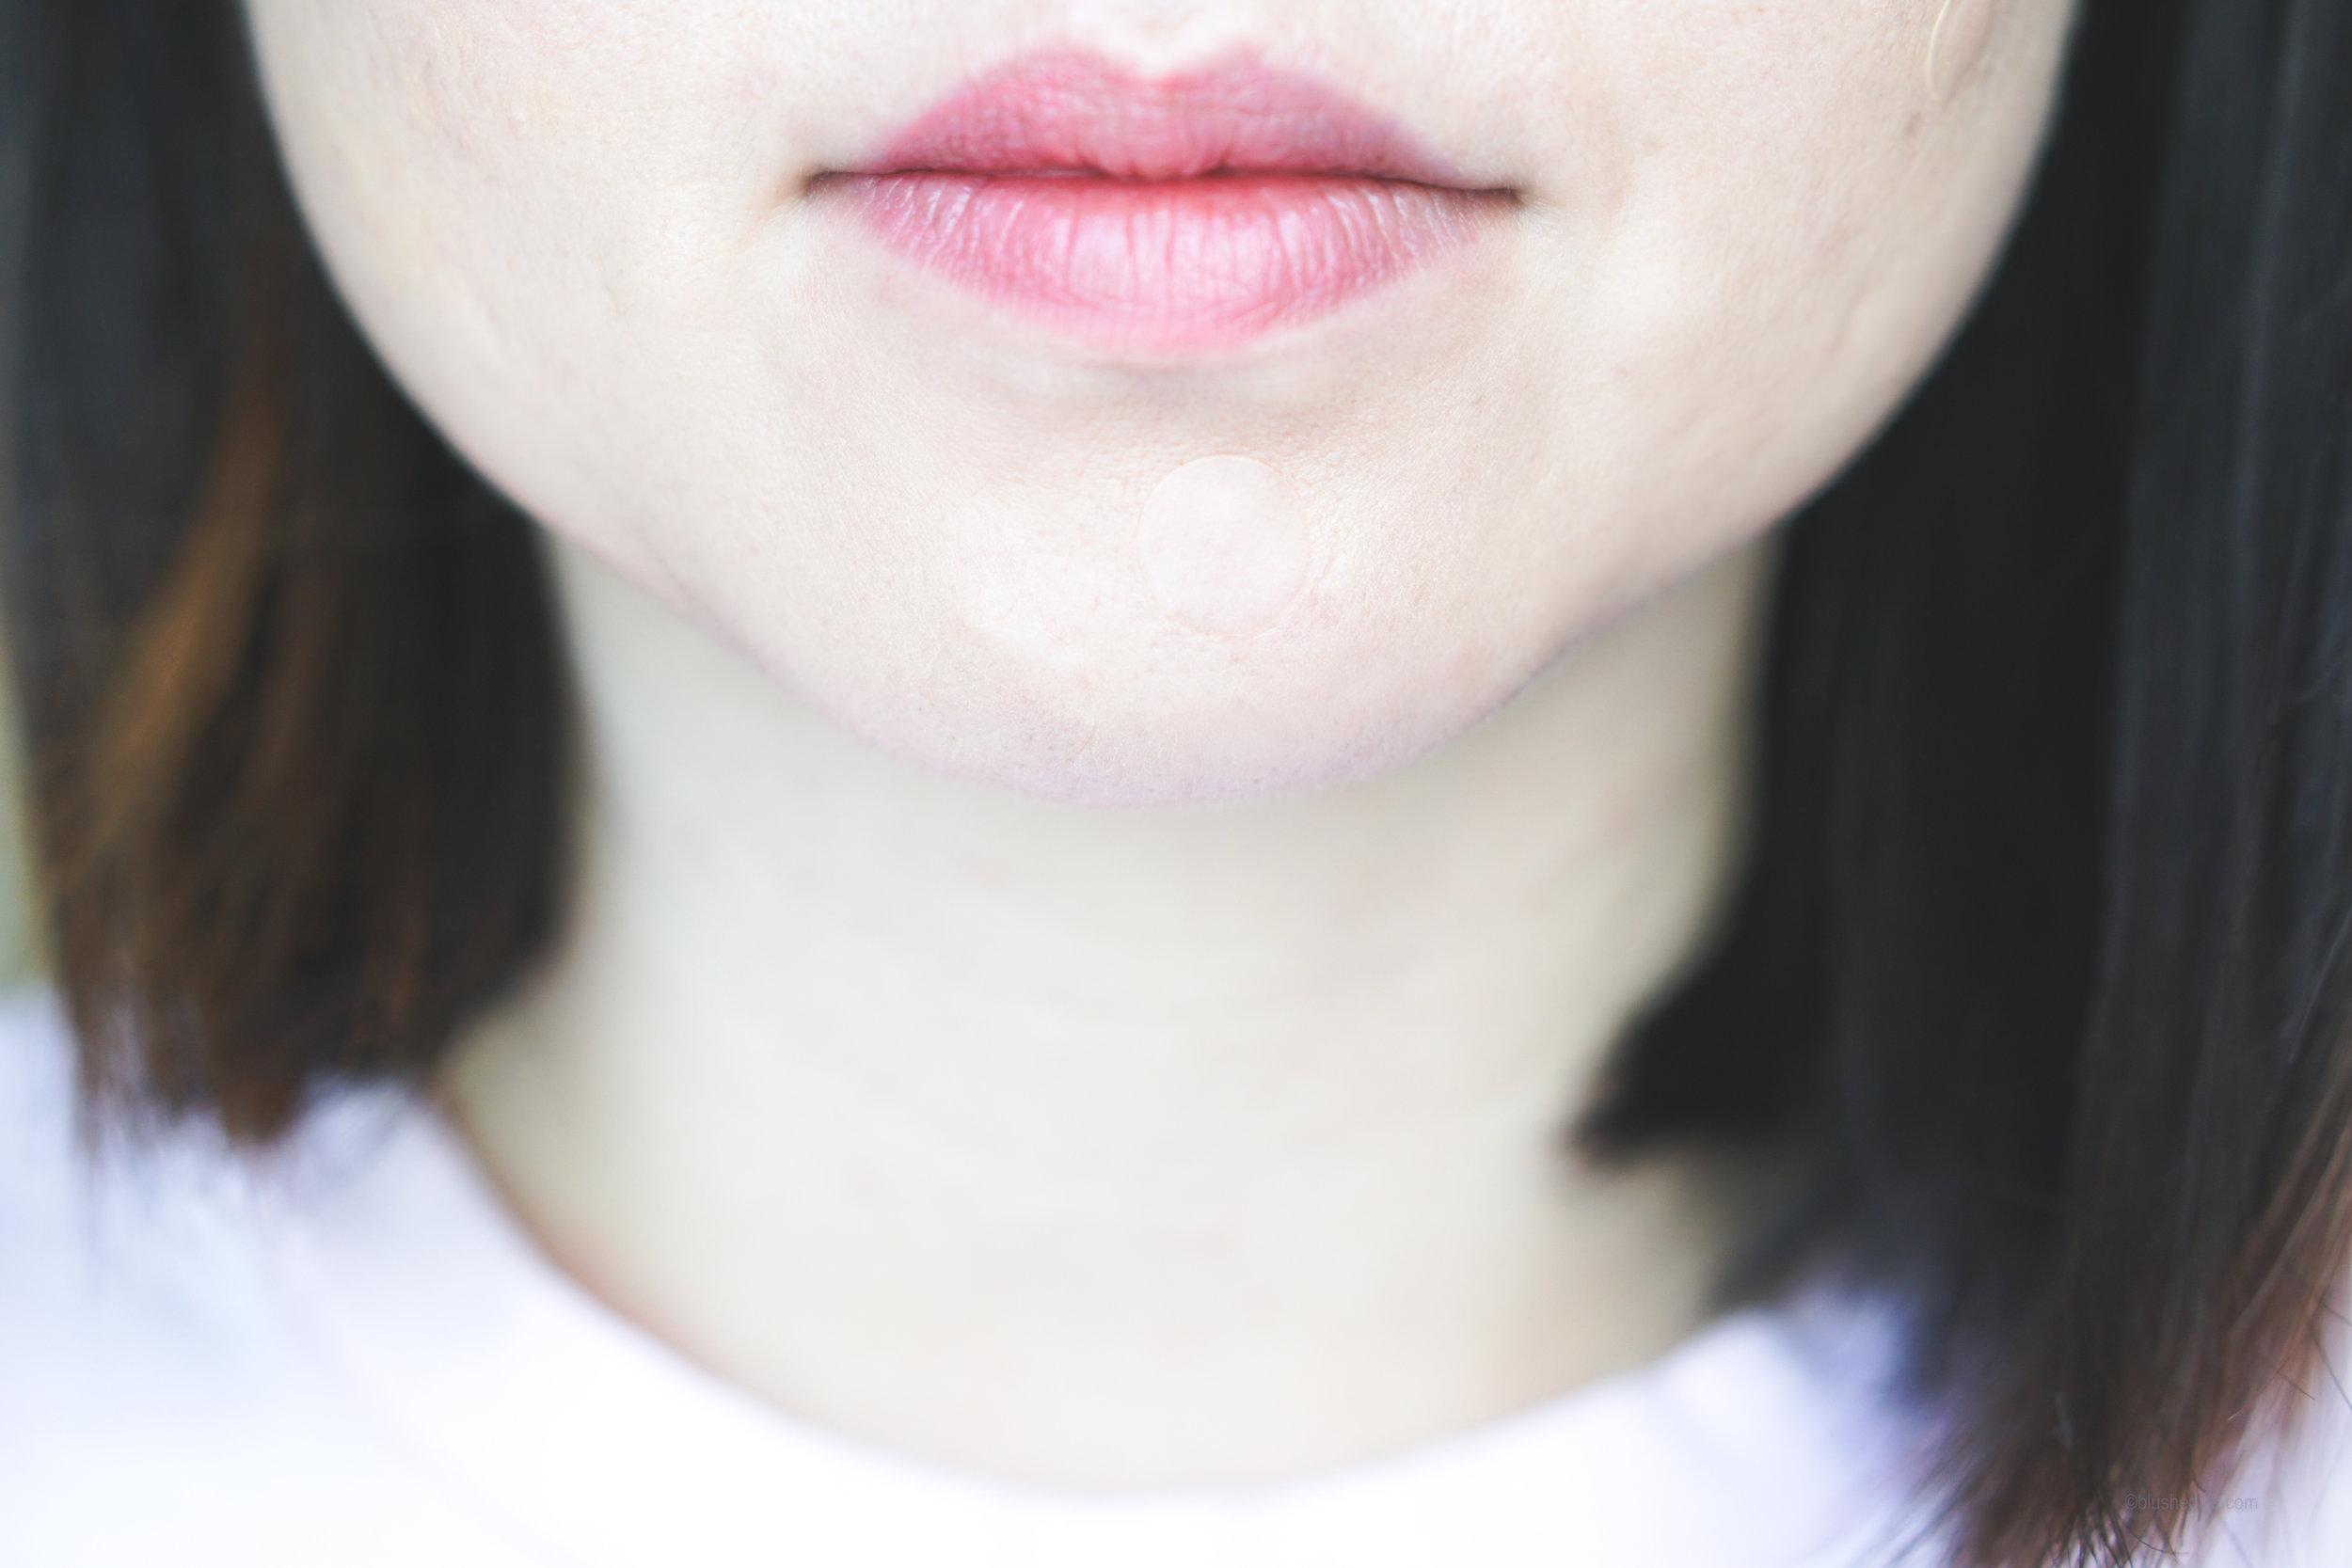 Best Pimple Patches Review Comparison_DSC07285-2.jpg